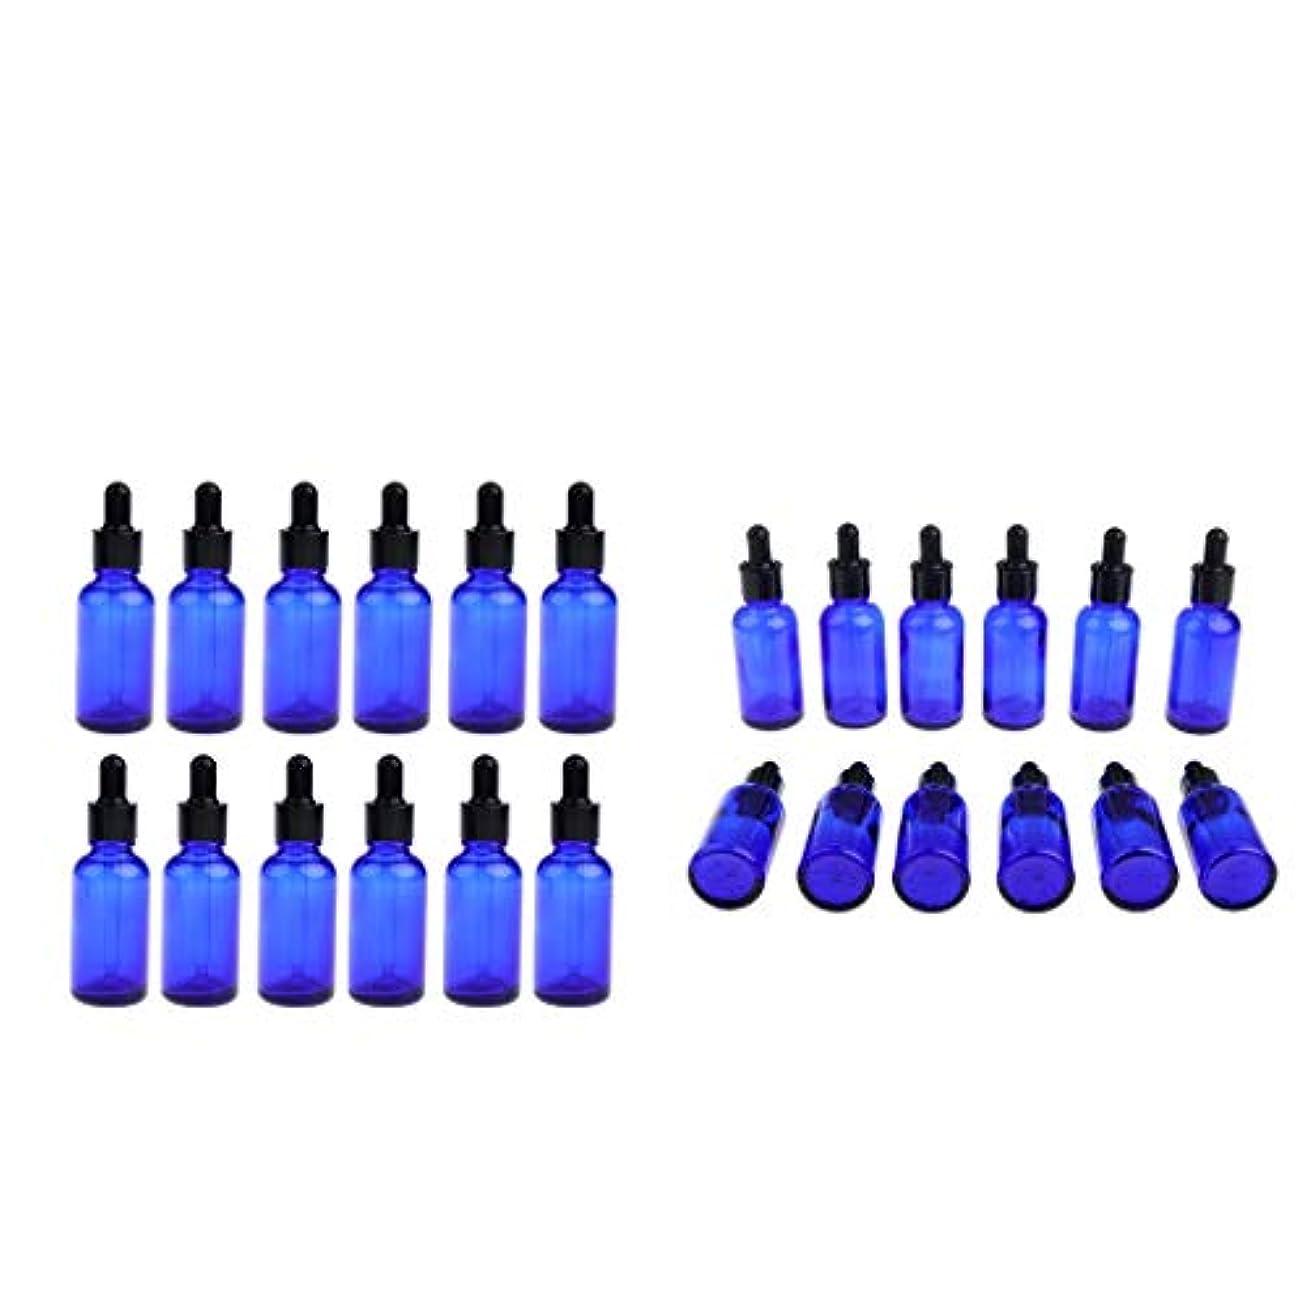 柔和偉業喉が渇いたP Prettyia ドロッパーボトル エッセンシャルオイル アロマセラピー 30ml スポイトボトル ガラス瓶